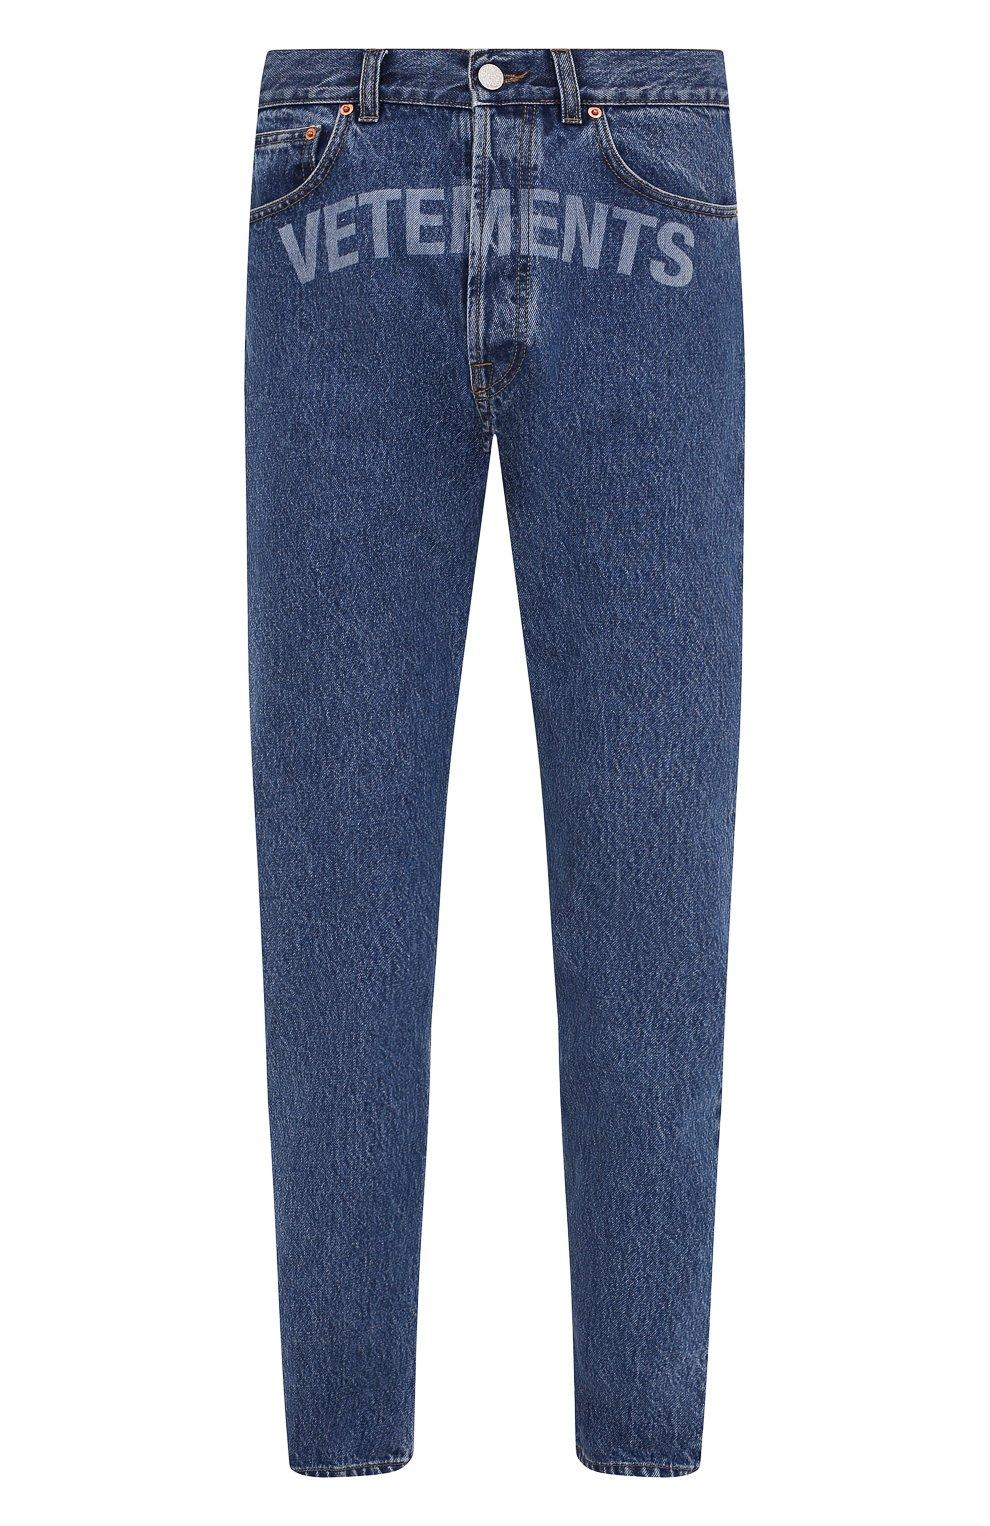 Мужские джинсы VETEMENTS синего цвета, арт. MAH21PA136 2802   Фото 1